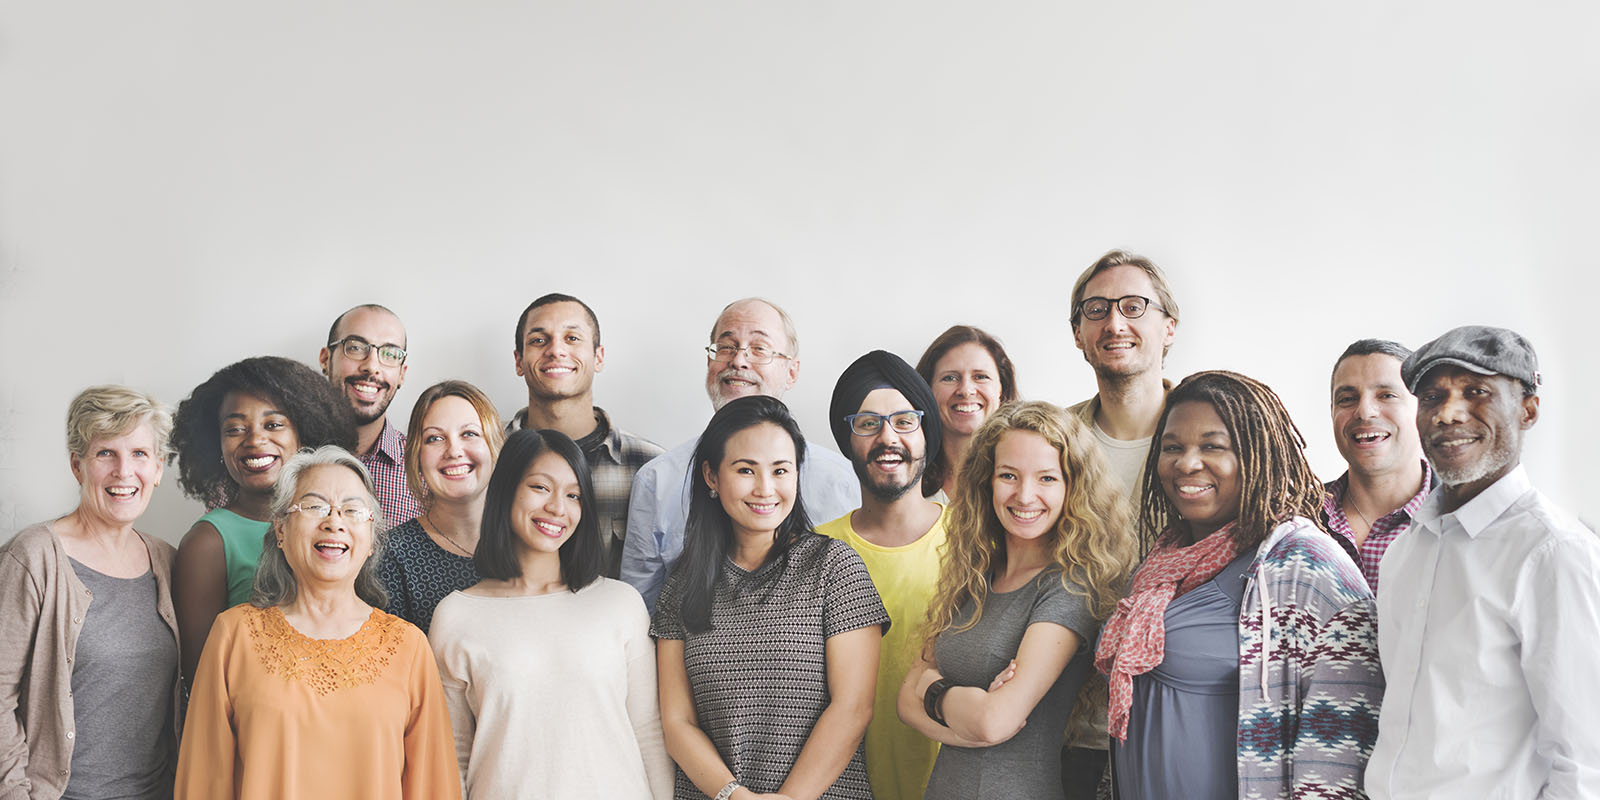 Groupe de personnes souriantes